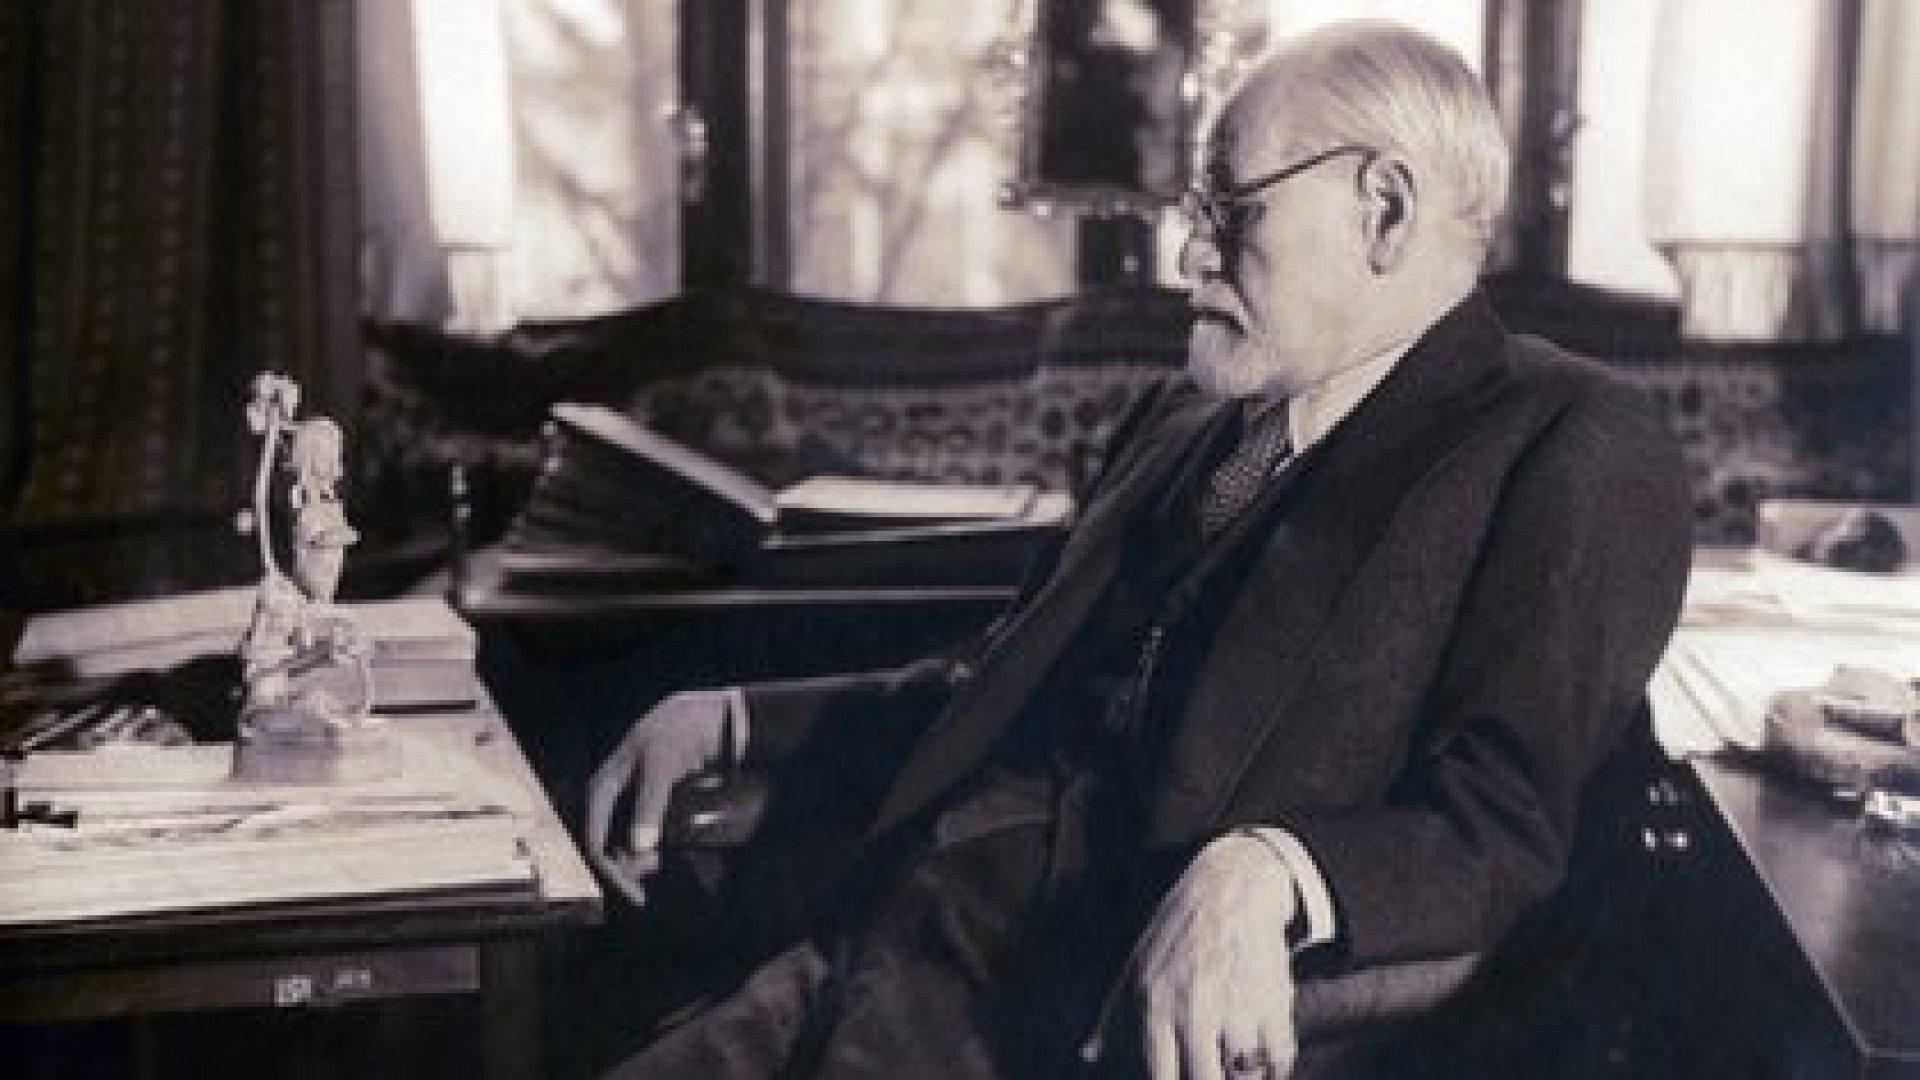 Sigmund Freud sentado en su estudio contemplando una figura tallada en su escritorio. 1937. Fotografía tomada por la Princesa Marie Bonaparte (Everett/Shutterstock)